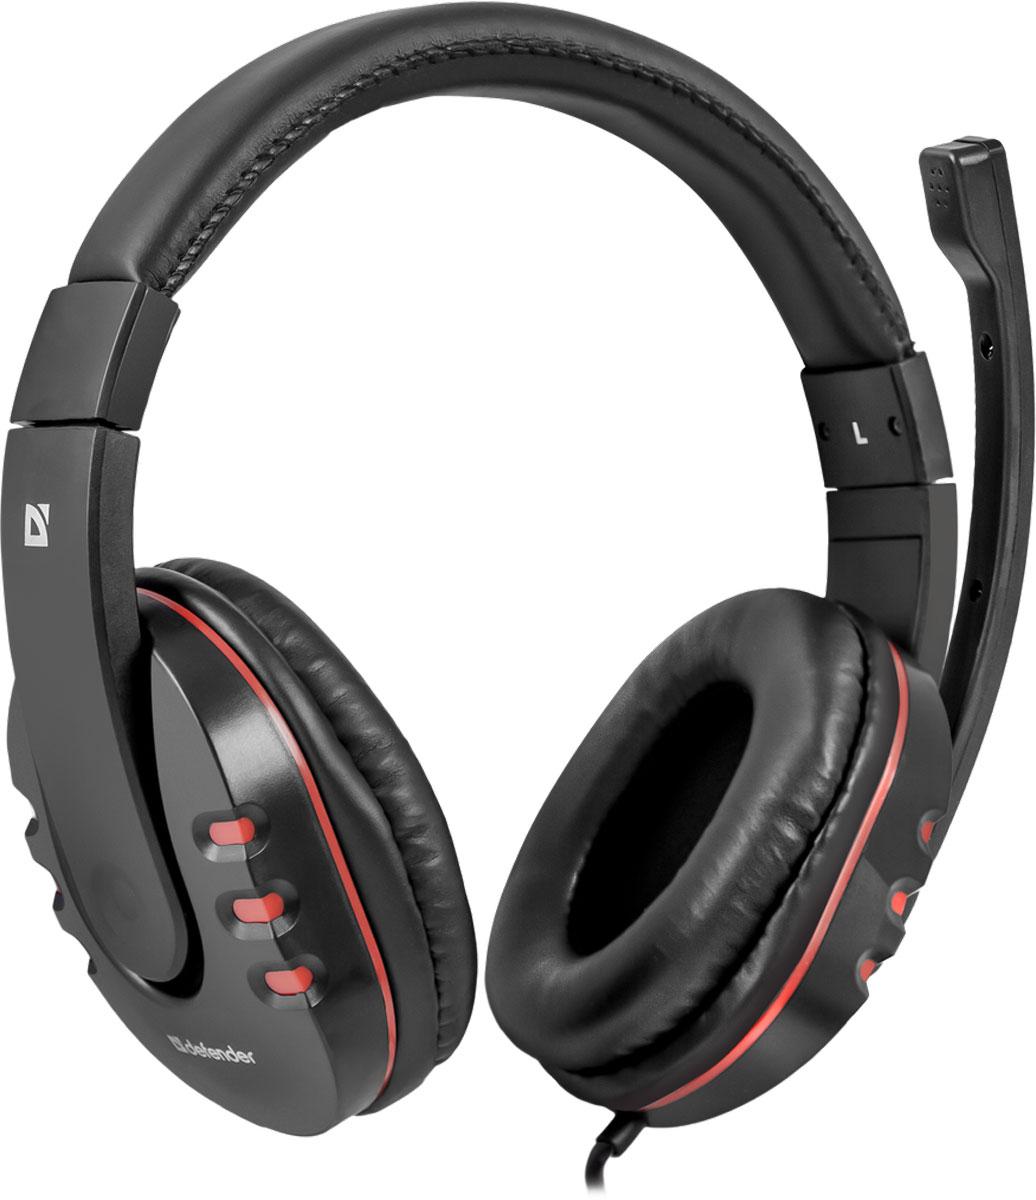 Defender Warhead G-160, Black игровая гарнитура64113Игровая гарнитура Defender Warhead G-160 предназначена для компьютеров нового поколения, использующих комбинированный четырехпиновый разъем для наушников и микрофона. На кабеле гарнитуры удобно расположен регулятор громкости. Благодаря надежной звукоизоляции и комфортным амбюшурам вы сможете играть или слушать музыку с комфортом - ничто не будет вам мешать! Частотный диапазон микрофона: 20 Гц - 16 кГц Сопротивление микрофона: 2,2 кОм Чувствительность микрофона: 54 дБ